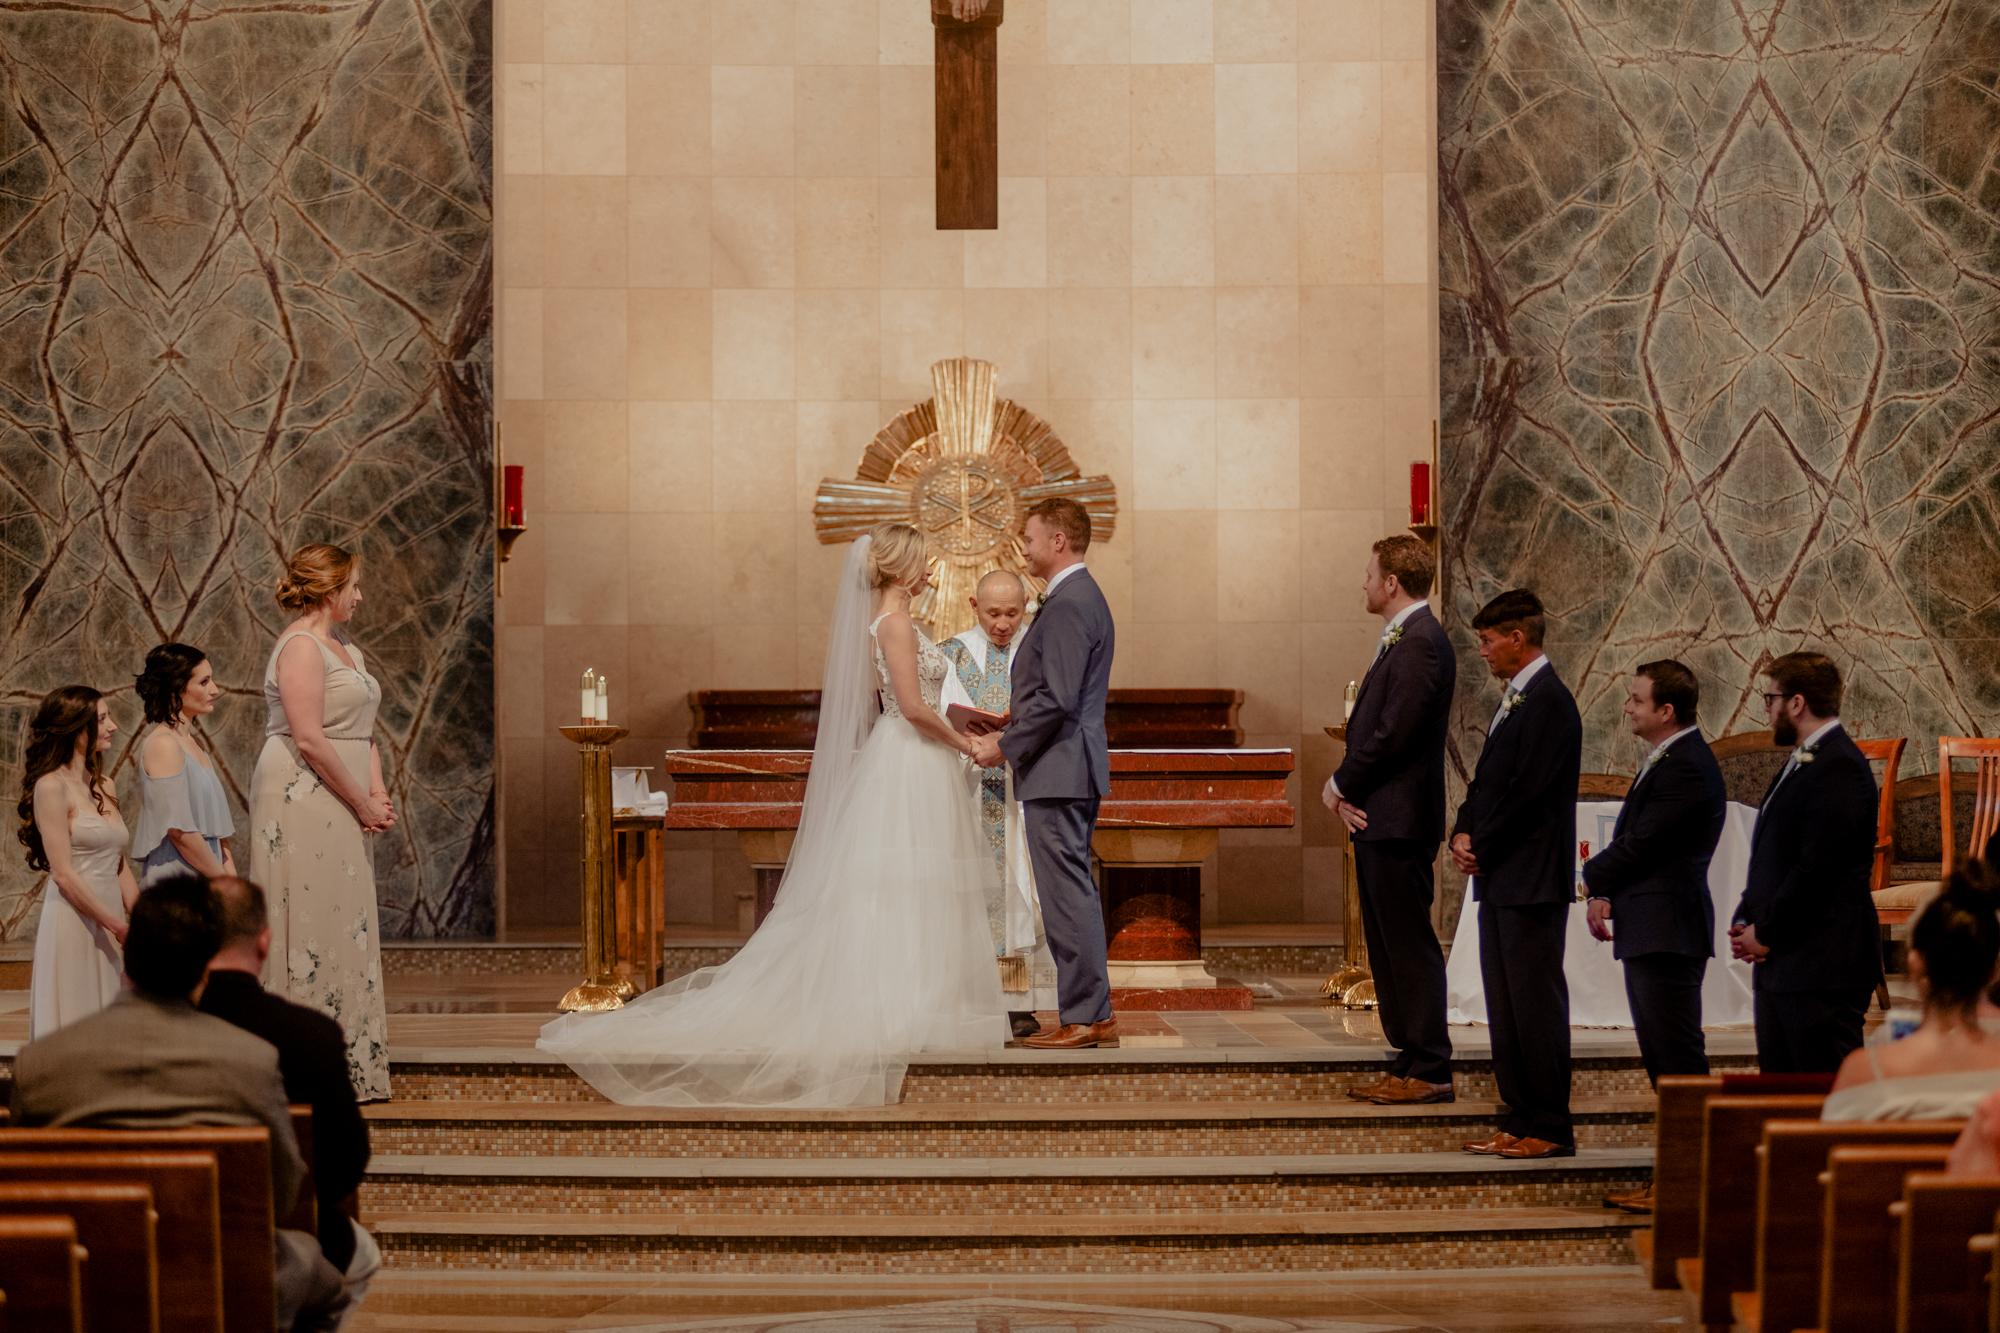 Matt-Kim-Wedding-Preview-45.jpg